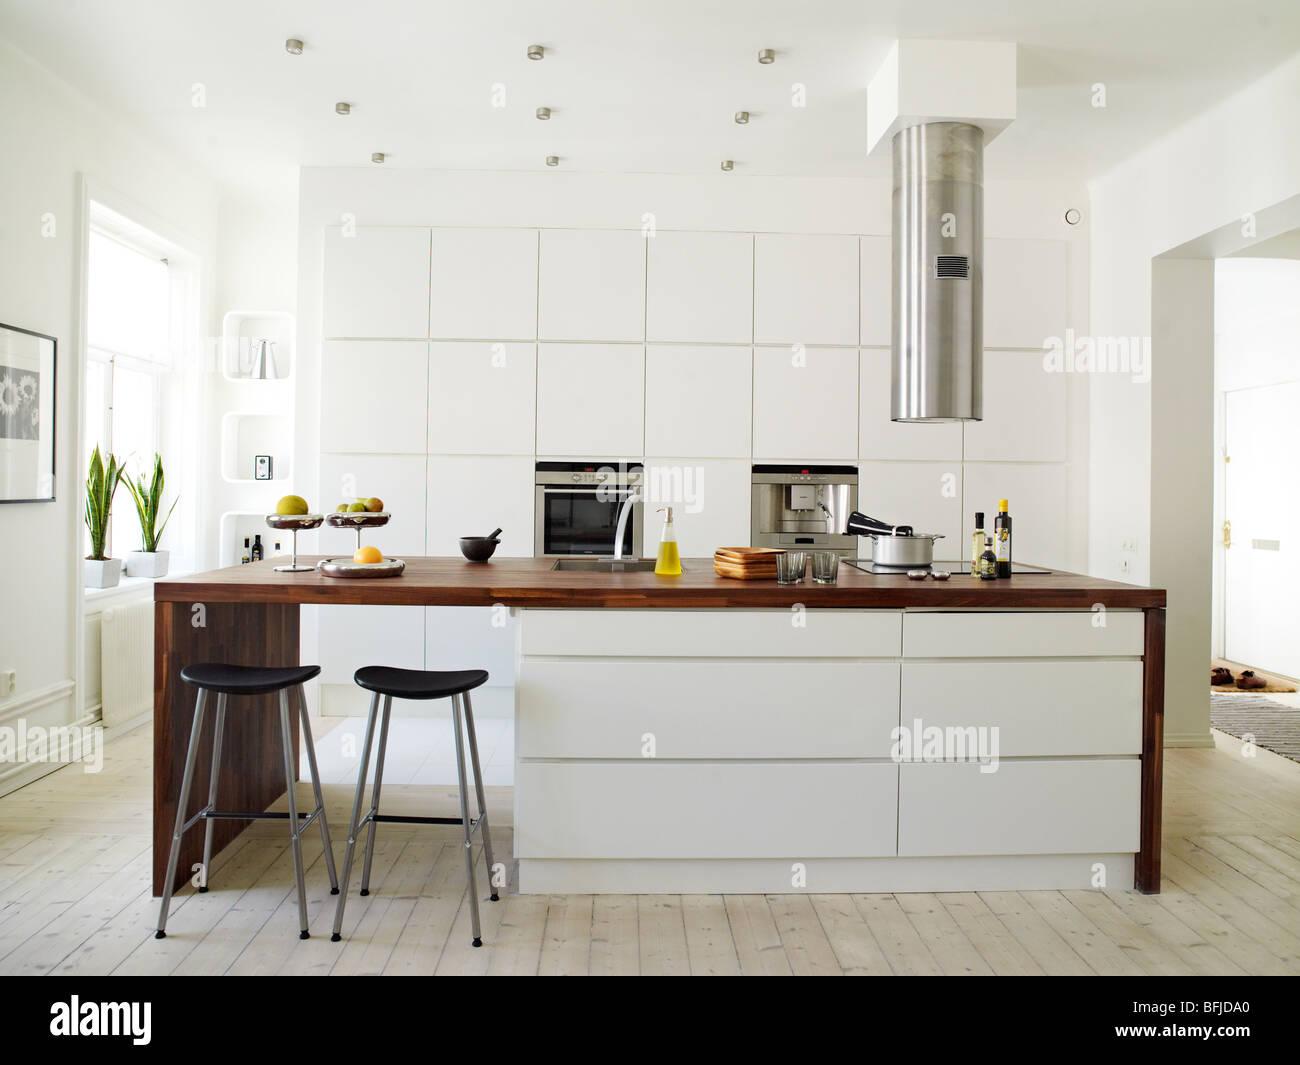 Modern Bright Kitchen Stock Photos Amp Modern Bright Kitchen